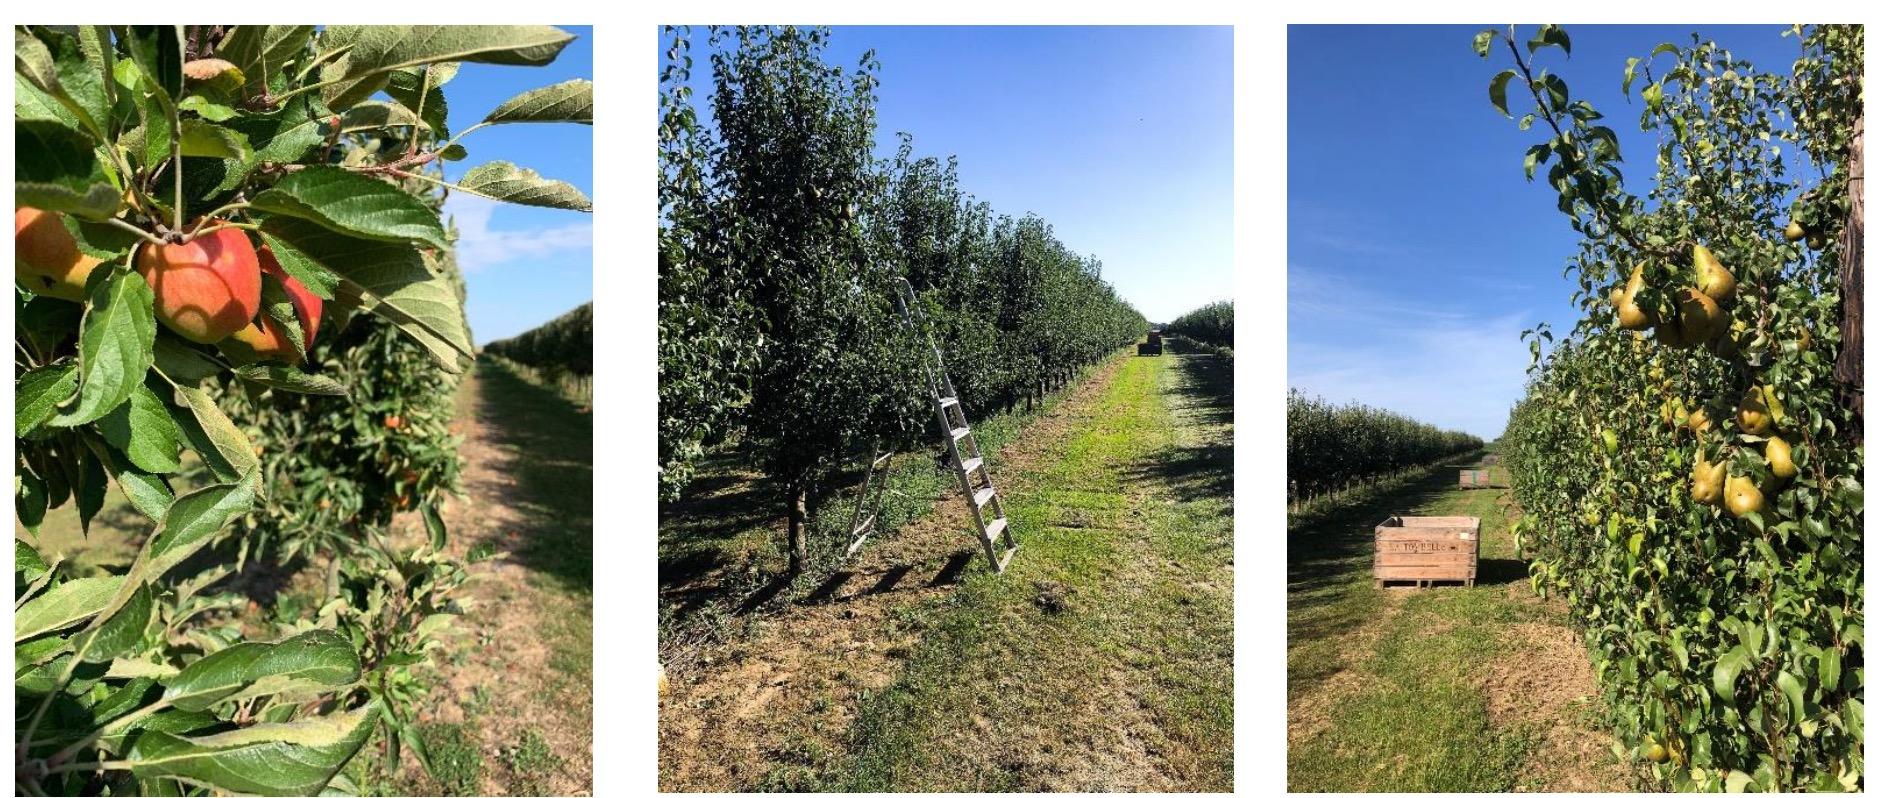 Capture d'écran 2020 04 29 à 10.49.38 - Paysan Vrac, cultivé, acheminé et vendu par le paysan en direct